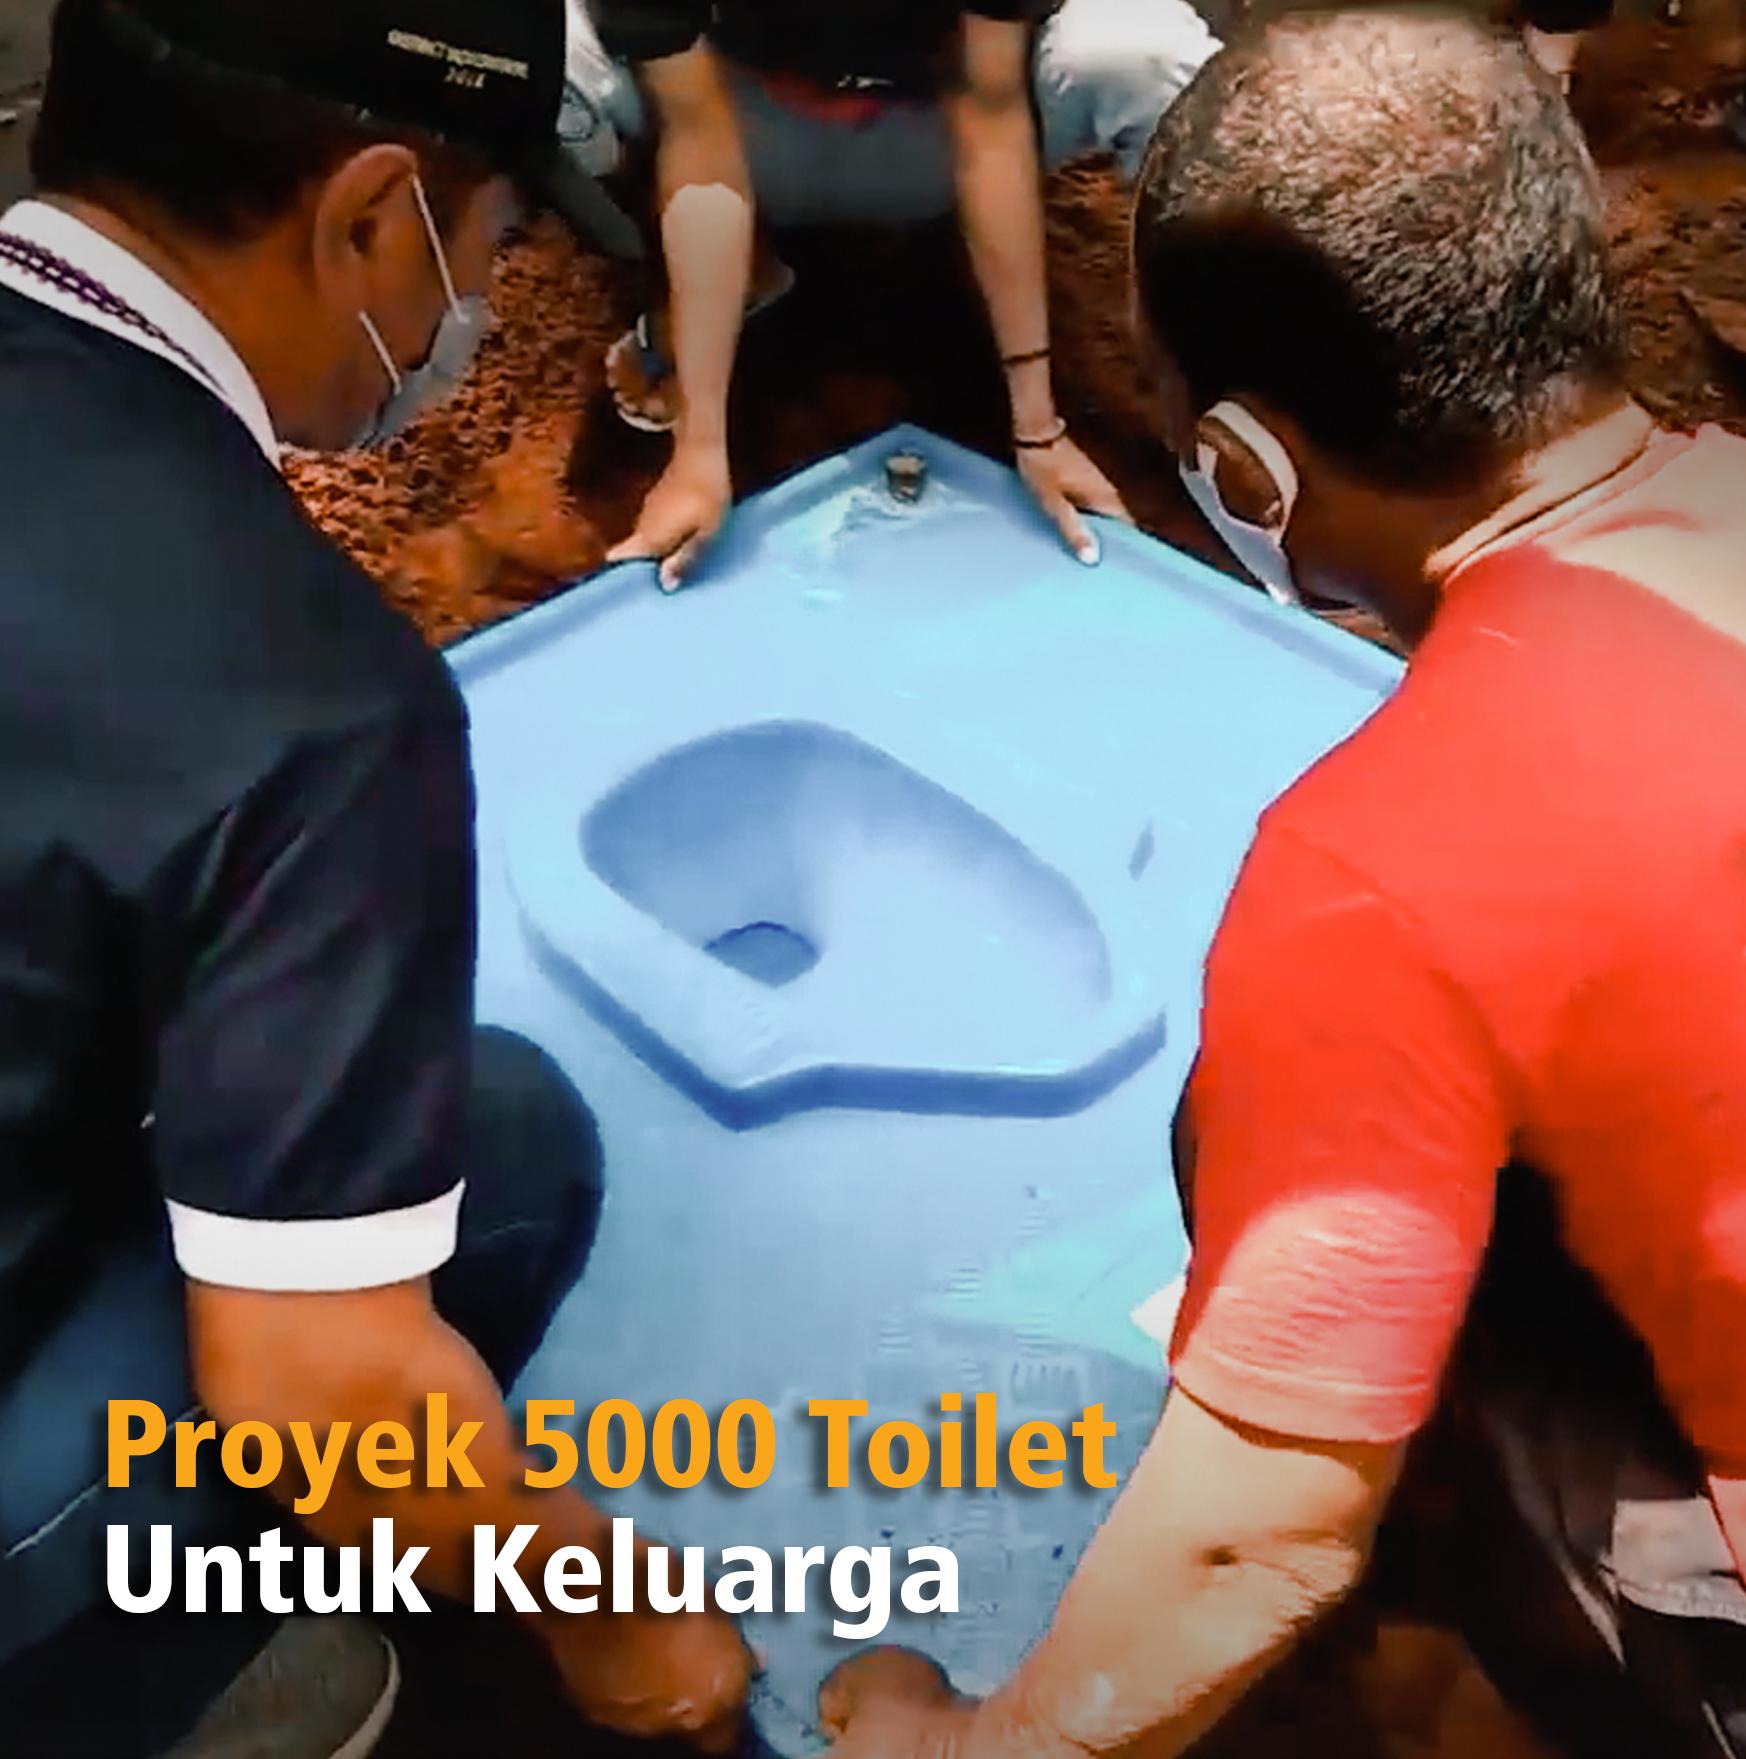 Proyek 5000 Toilet untuk Keluarga